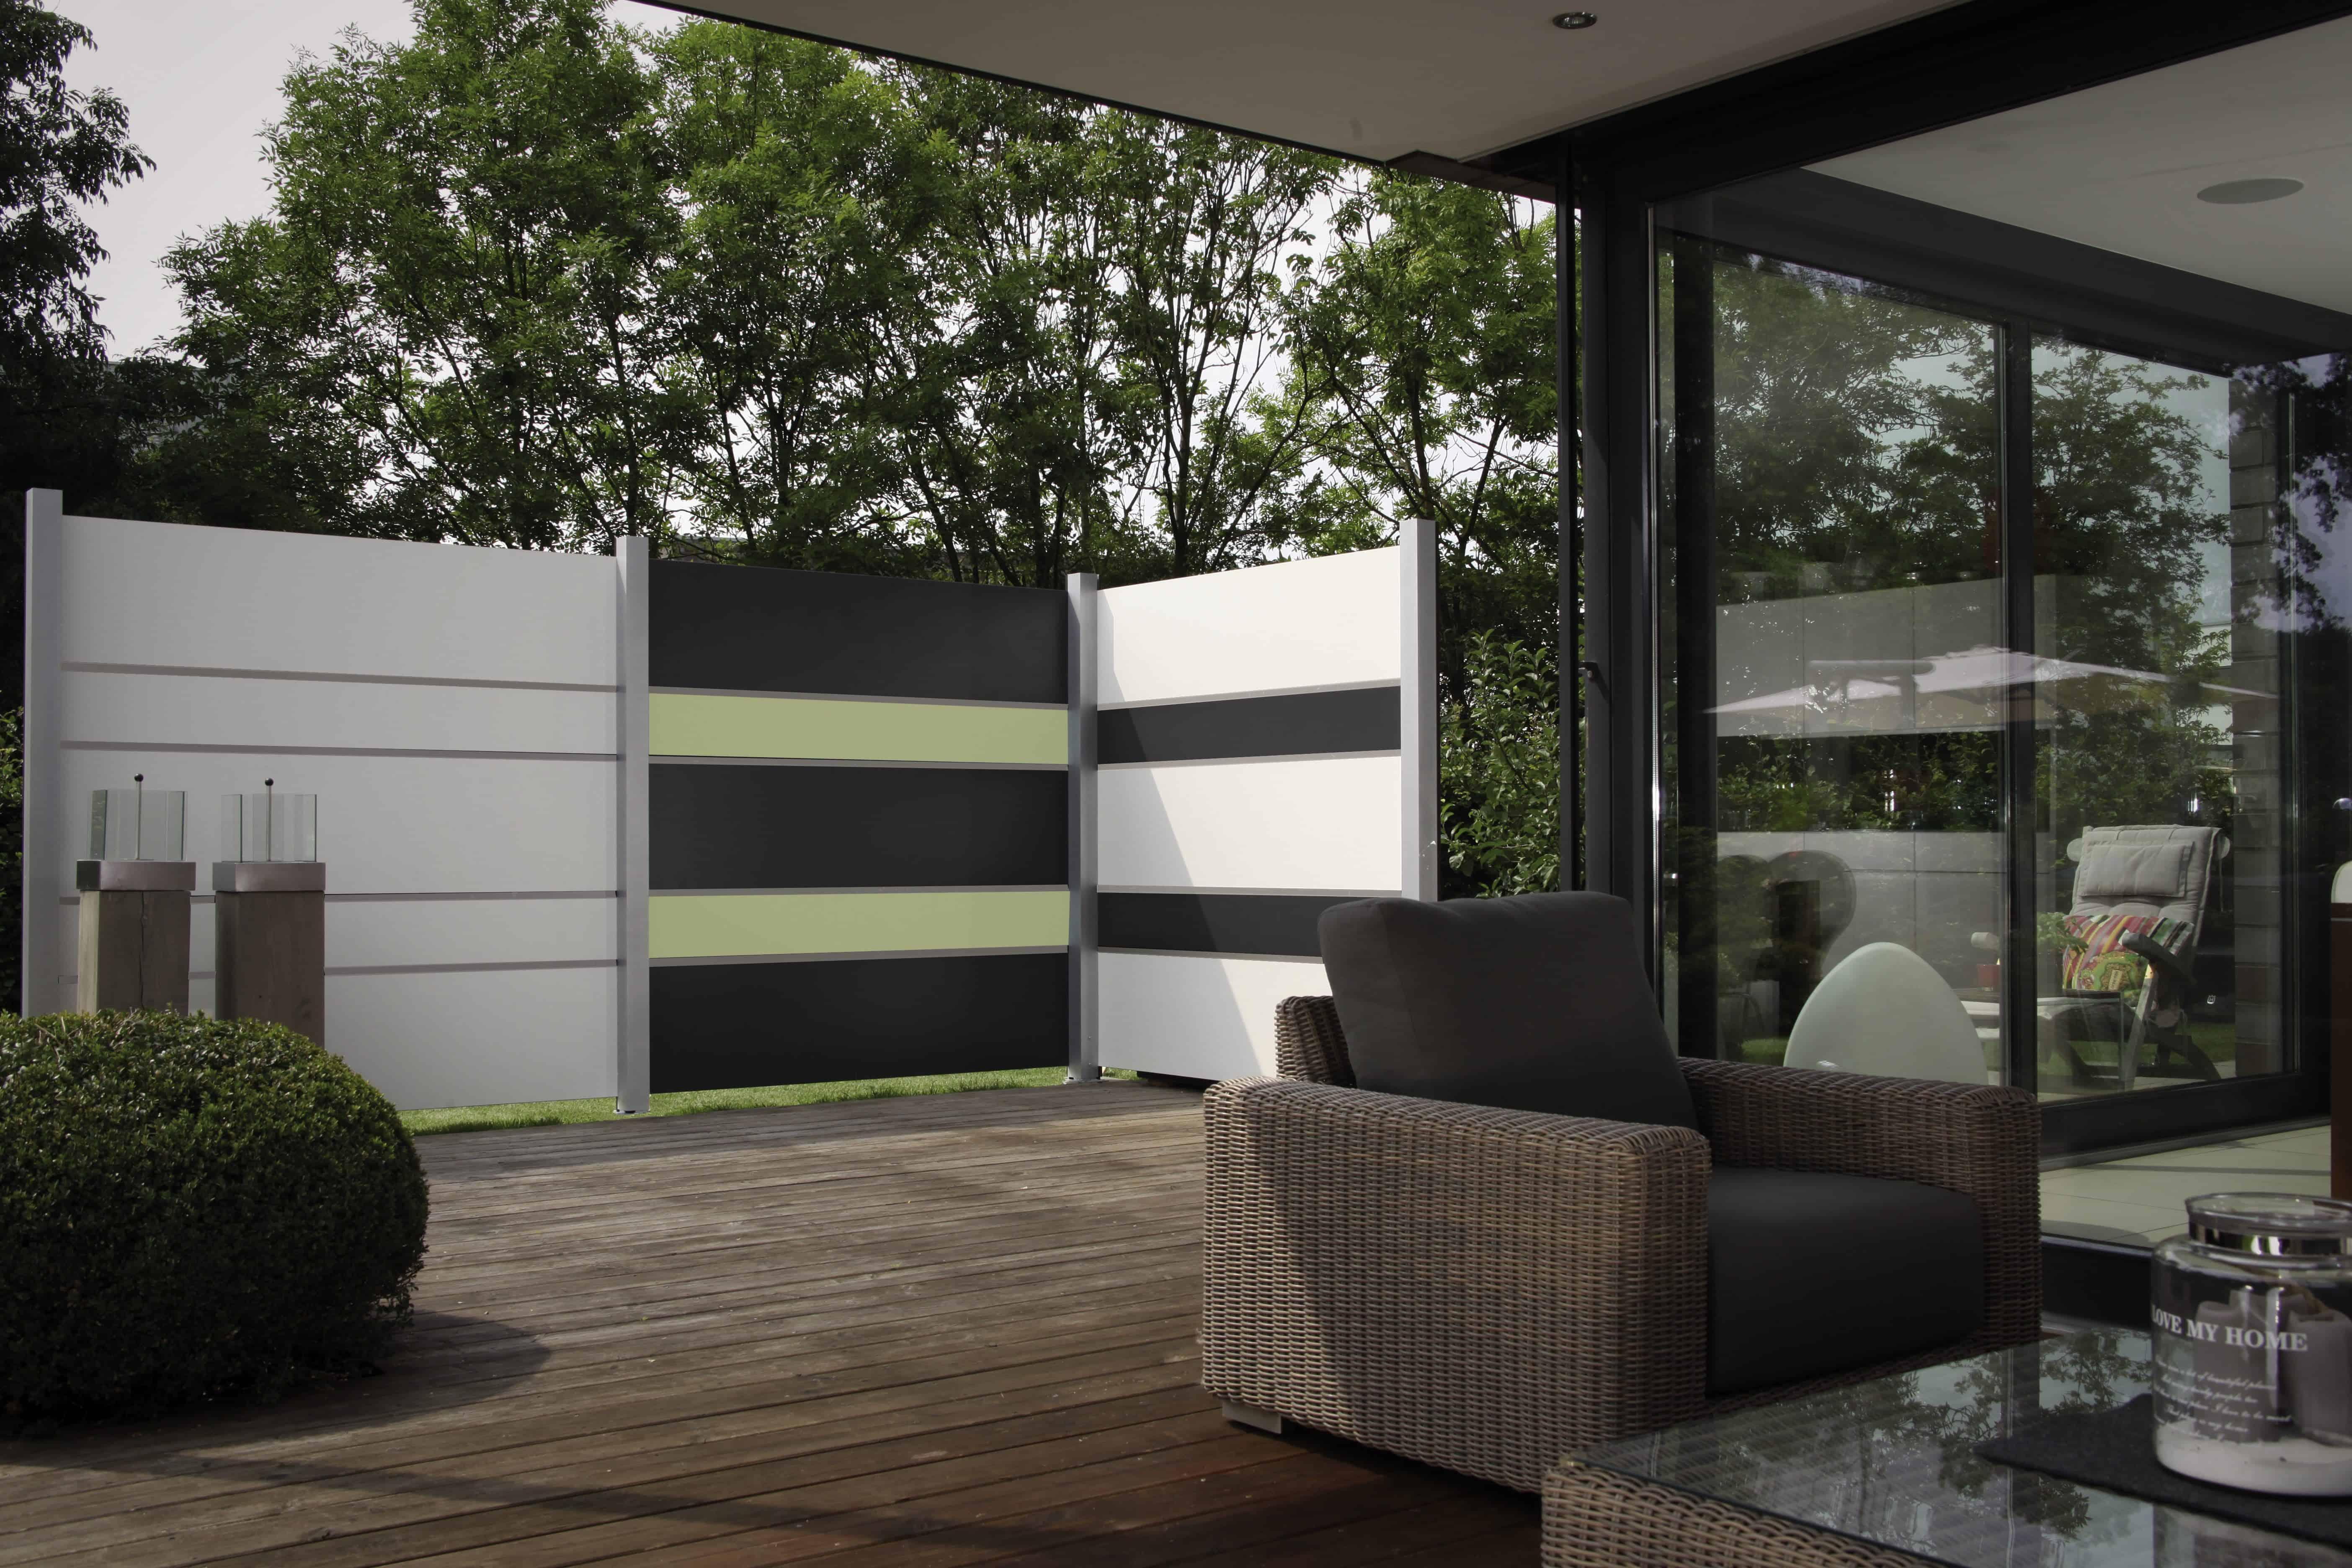 Inkijk beperken in stijl, stem de kleur van de privacywand af op de buitenomgeving, gevel, ramen, ...